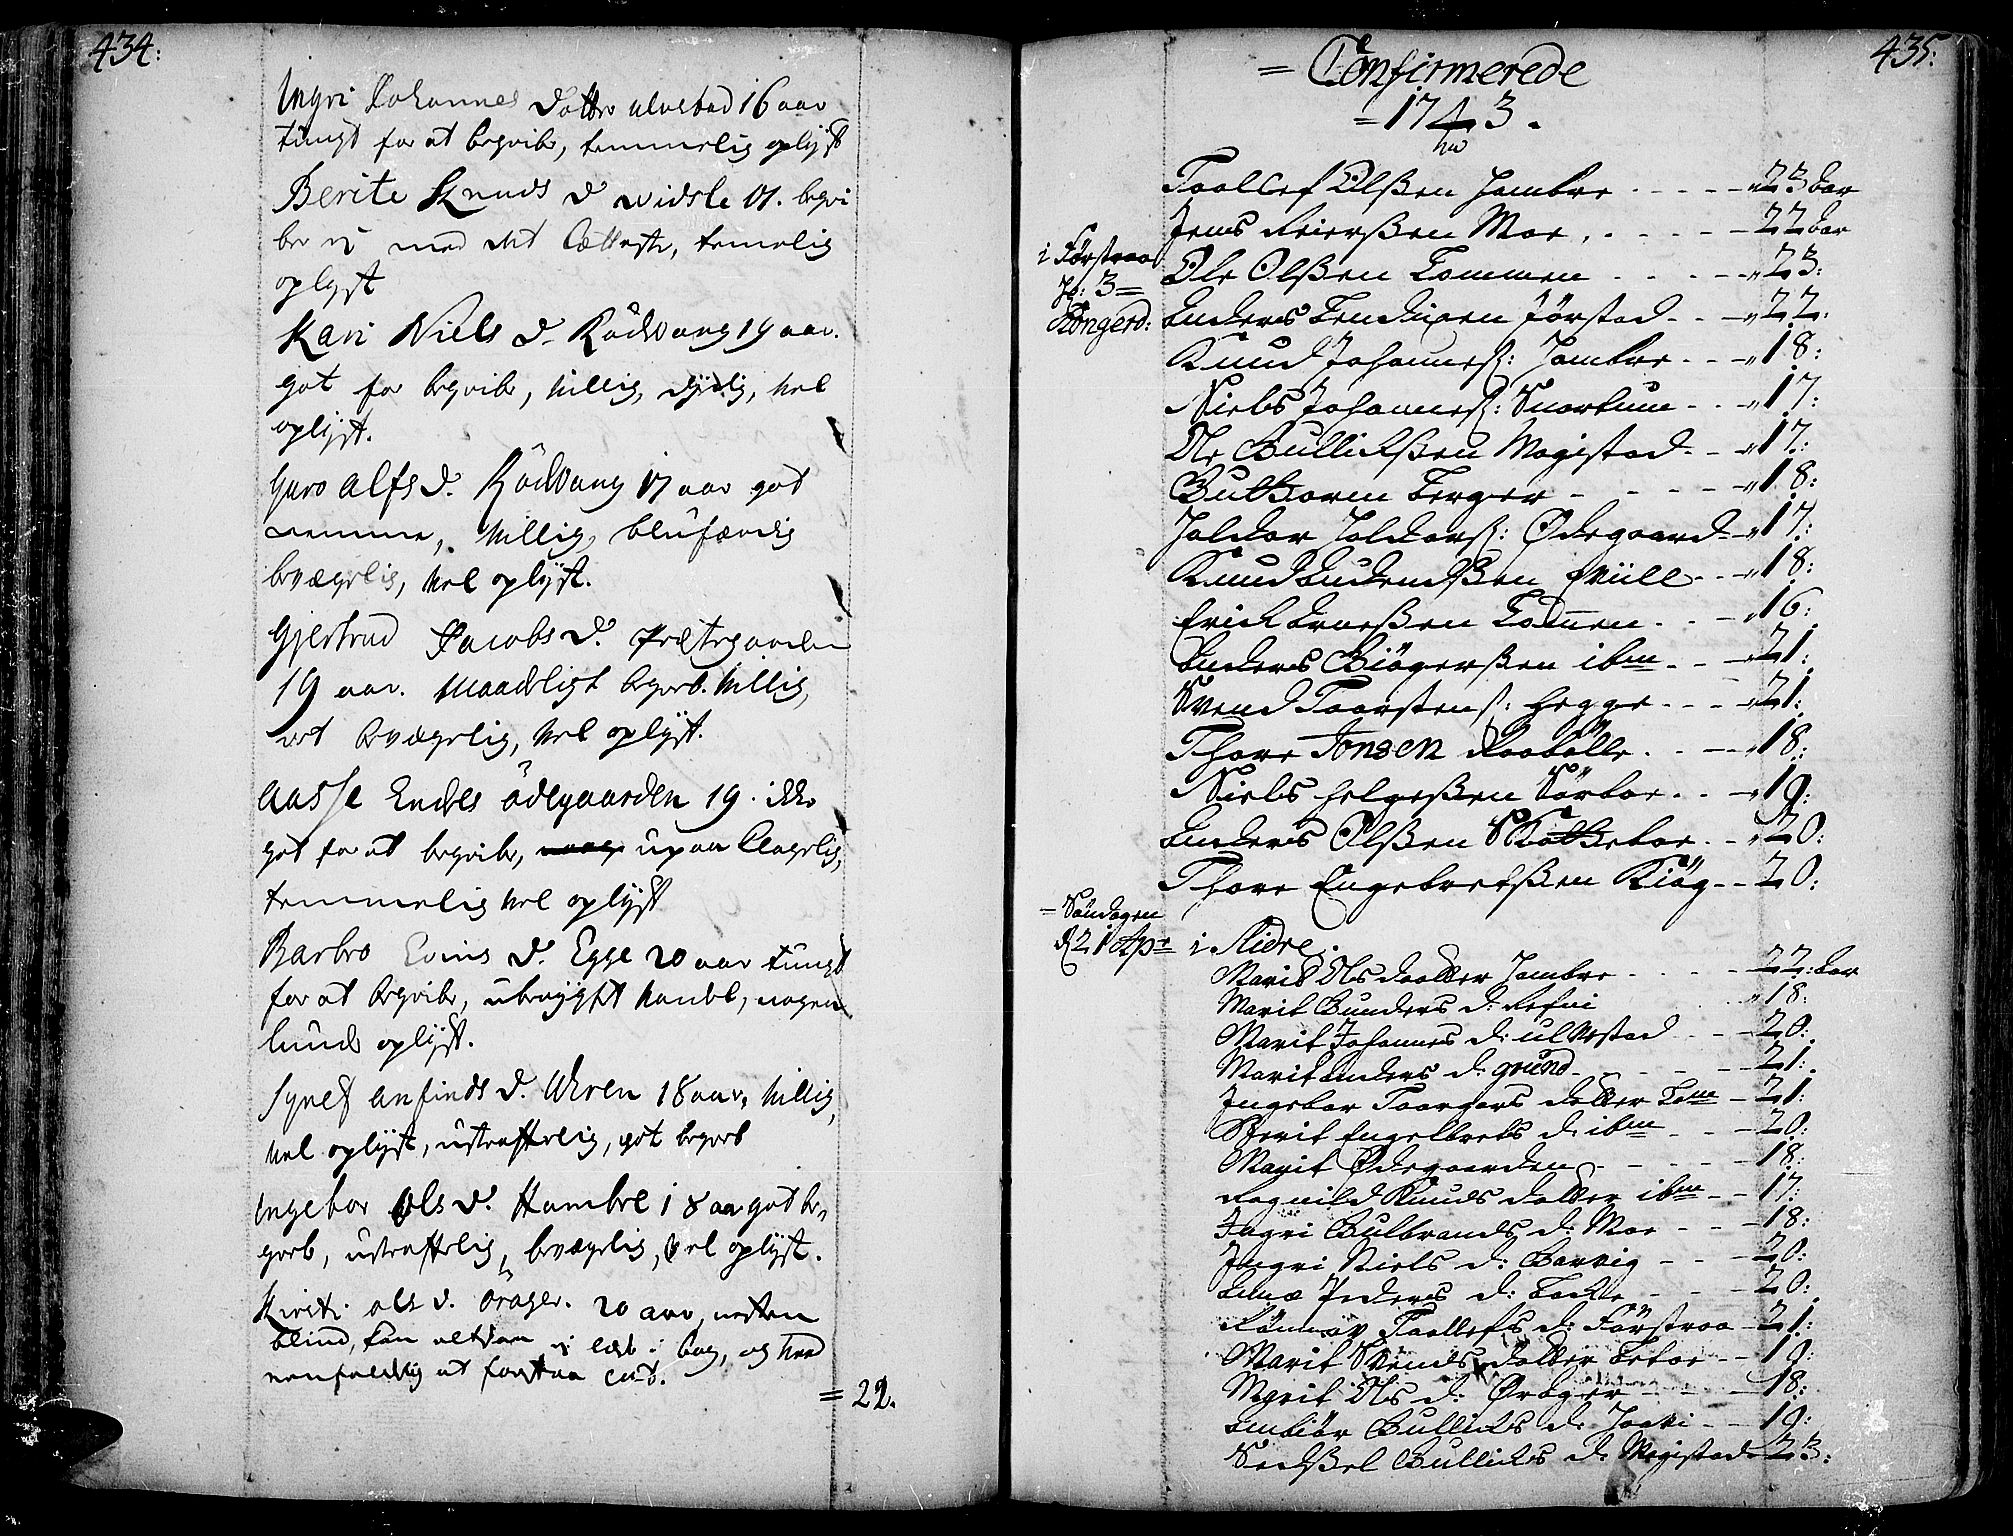 SAH, Slidre prestekontor, Ministerialbok nr. 1, 1724-1814, s. 434-435